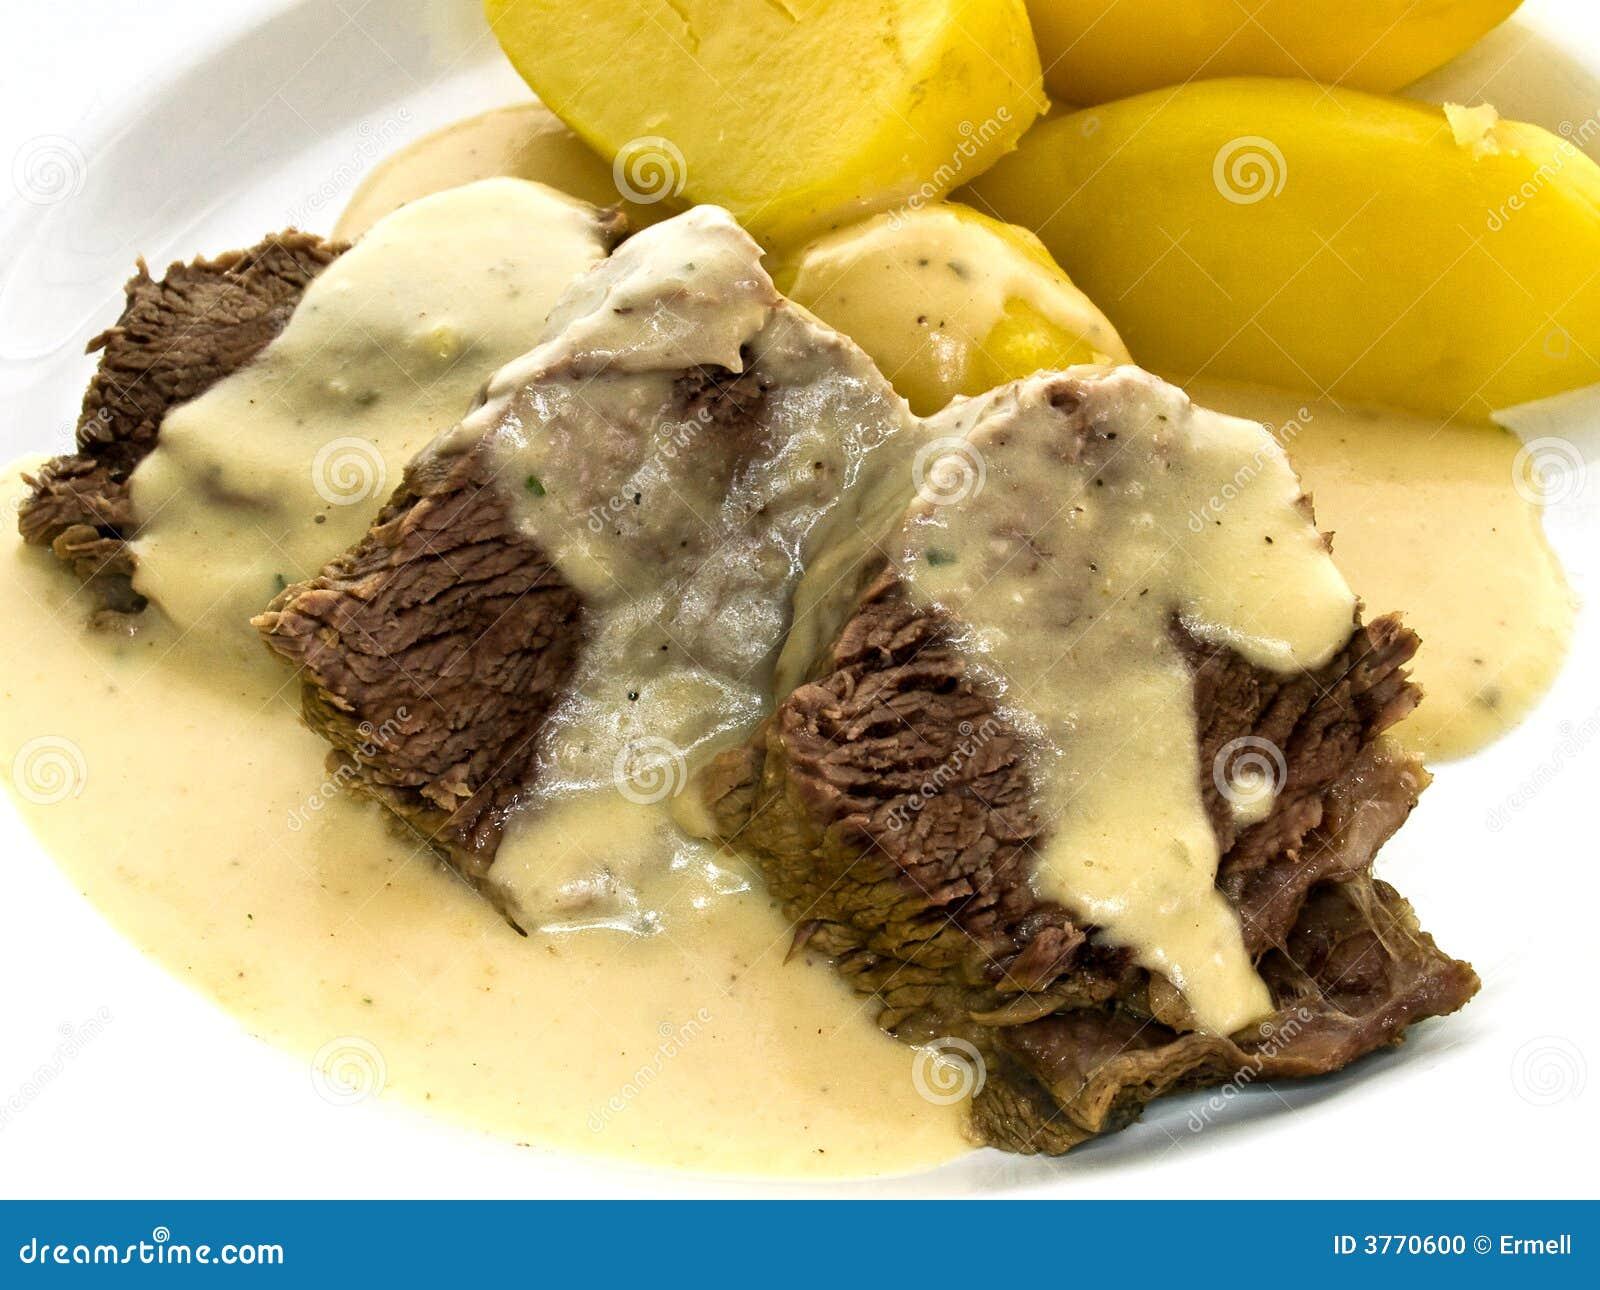 Rindfleisch Mit Meerrettich Und Kartoffeln Stockfoto Bild Von